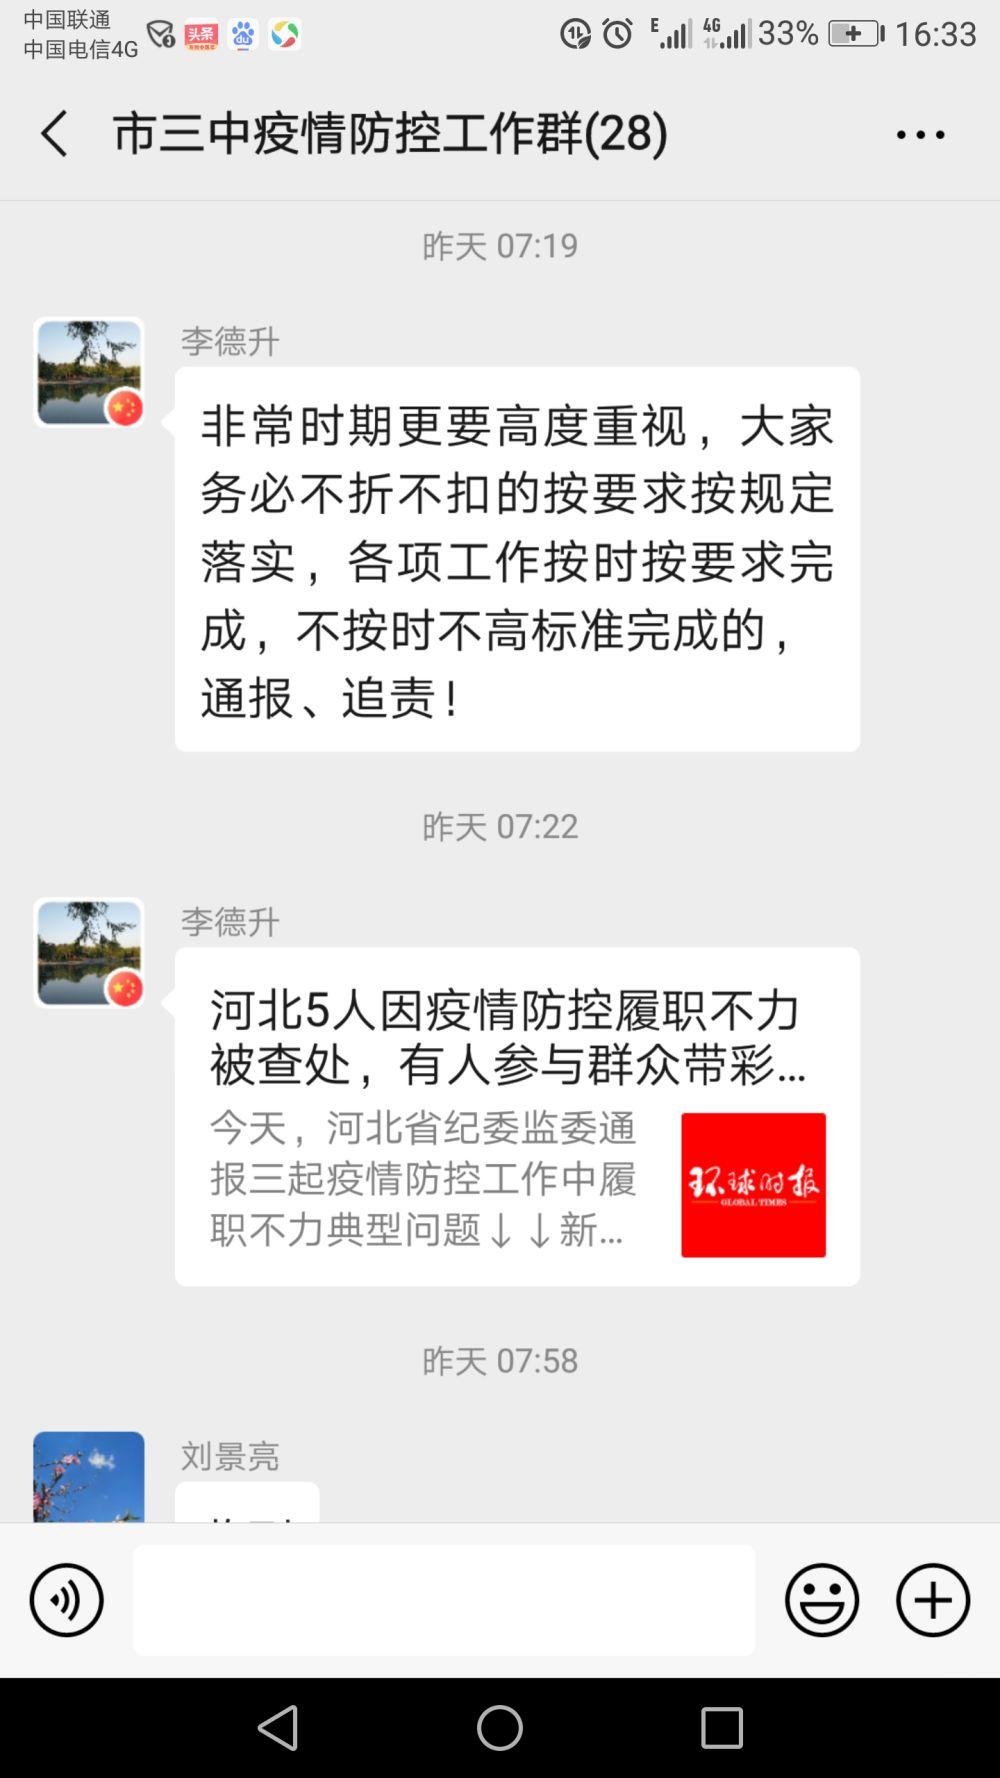 疫情狙击战,邢台市第三中学在行动